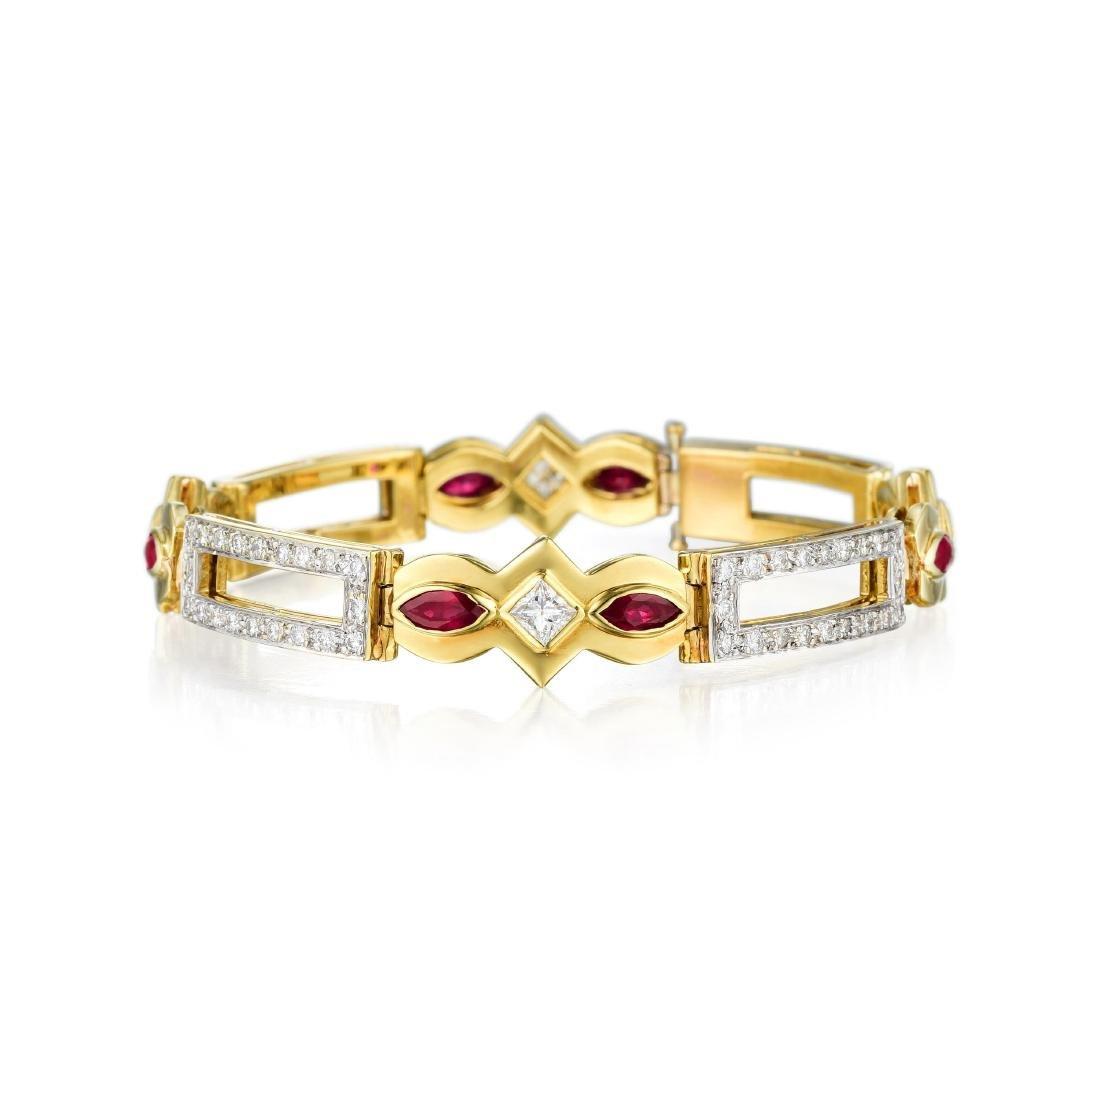 An 18K Gold Diamond and Ruby Bracelet